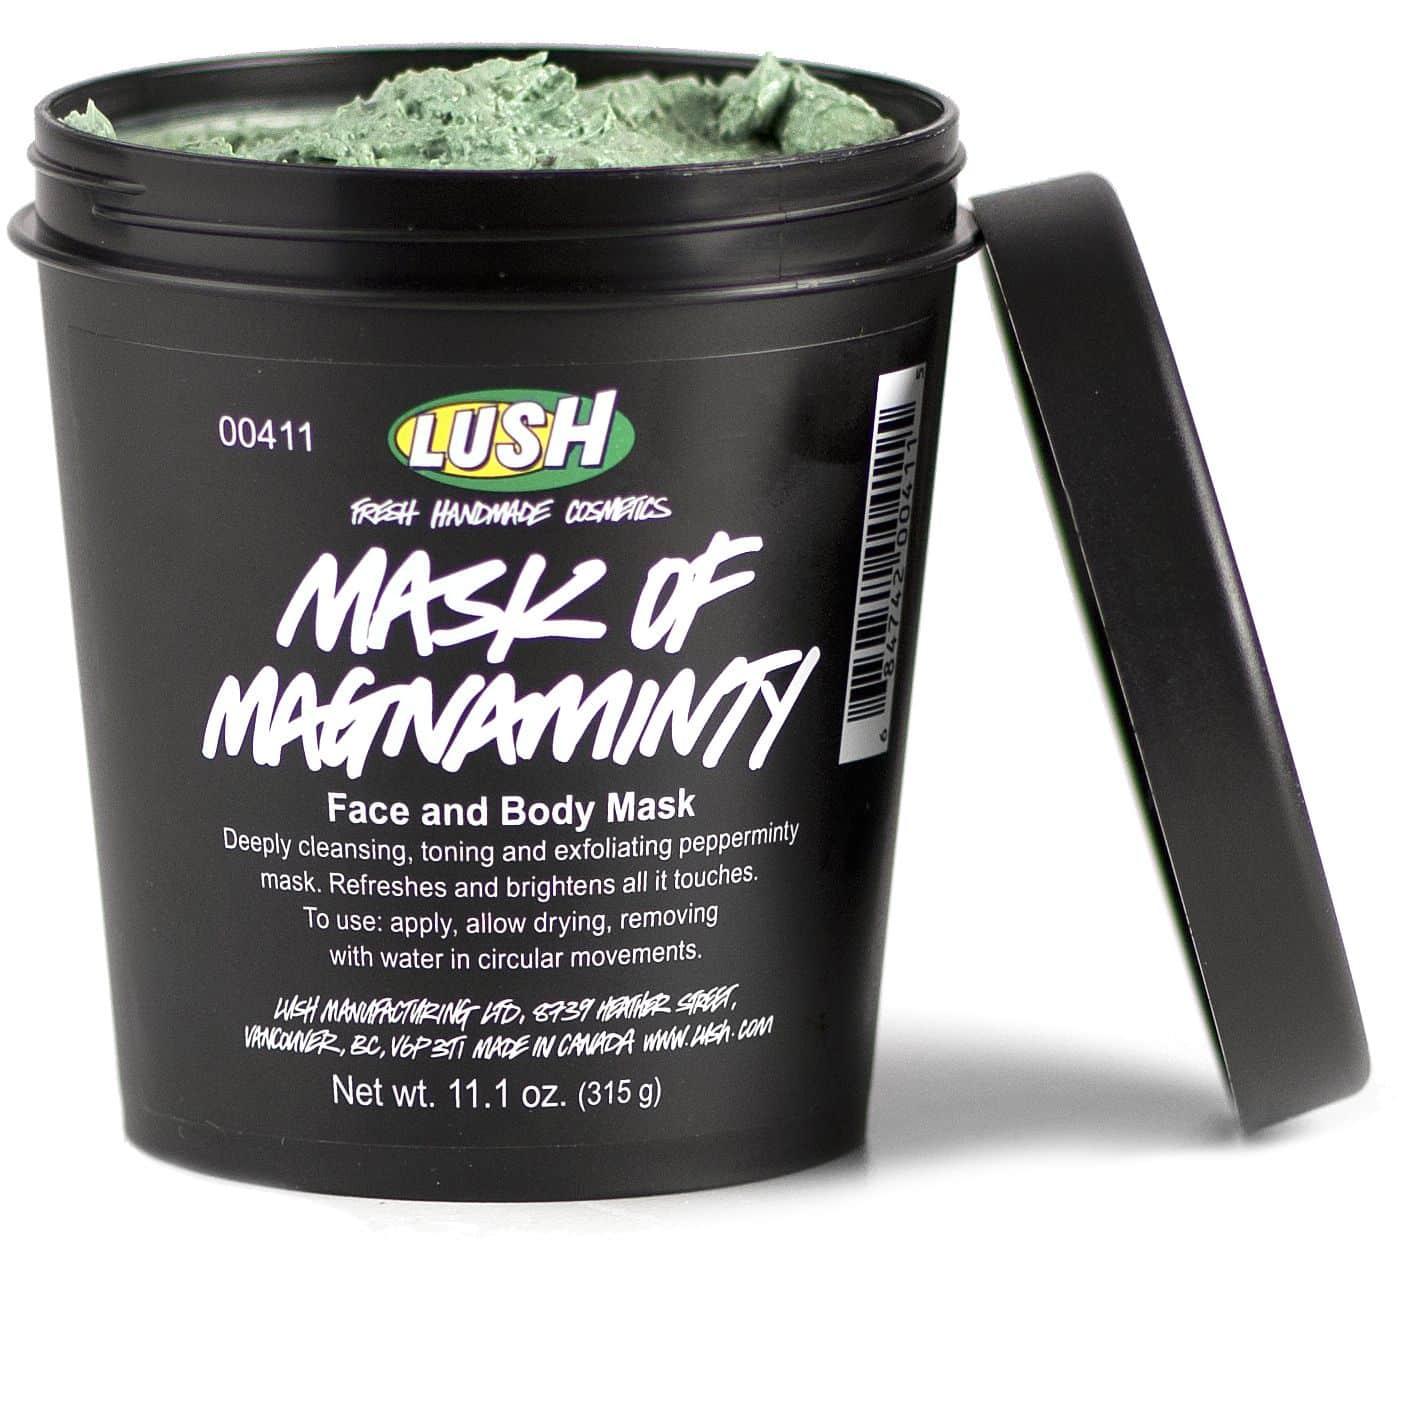 Mask-of-Magnaminty-Lush